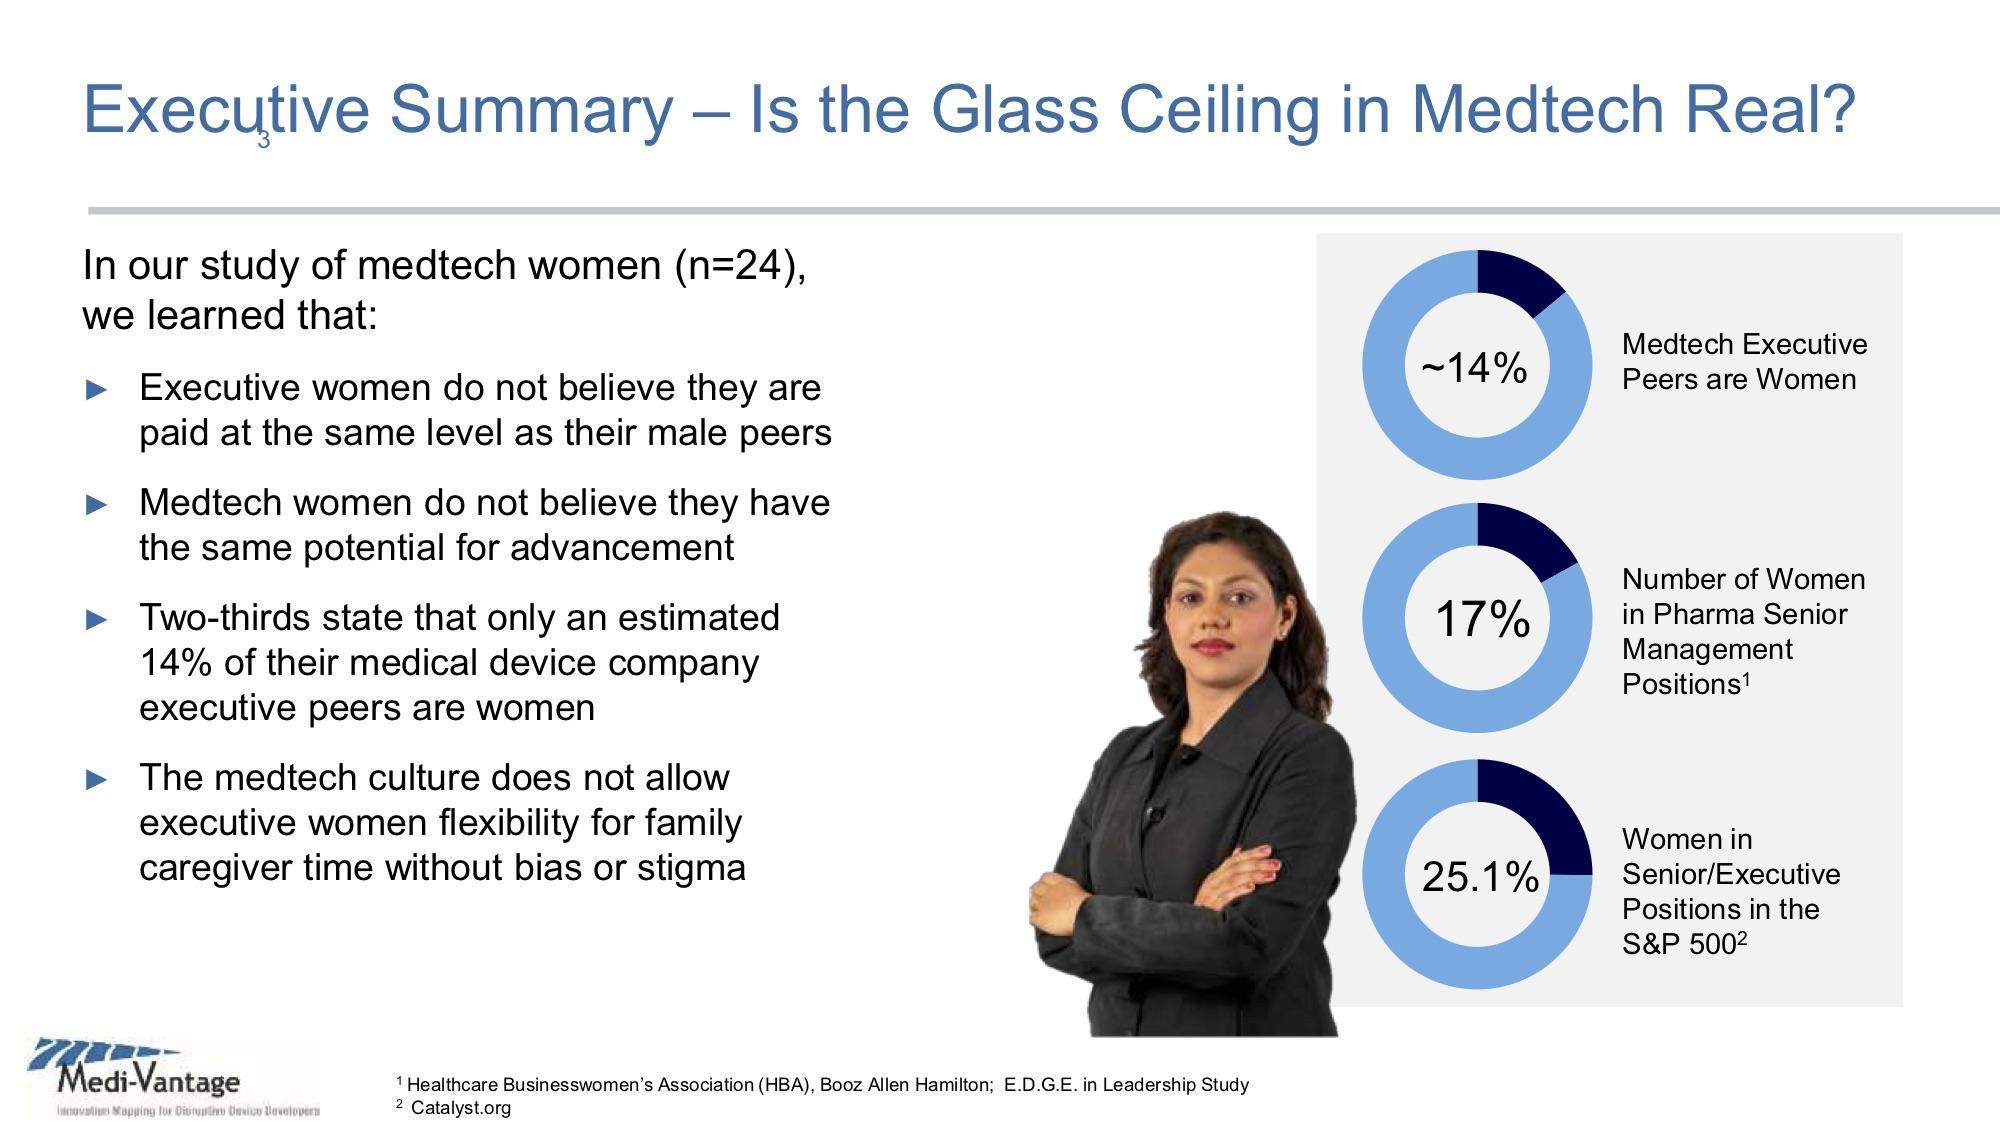 The glass ceiling for medtech exec women3.jpg